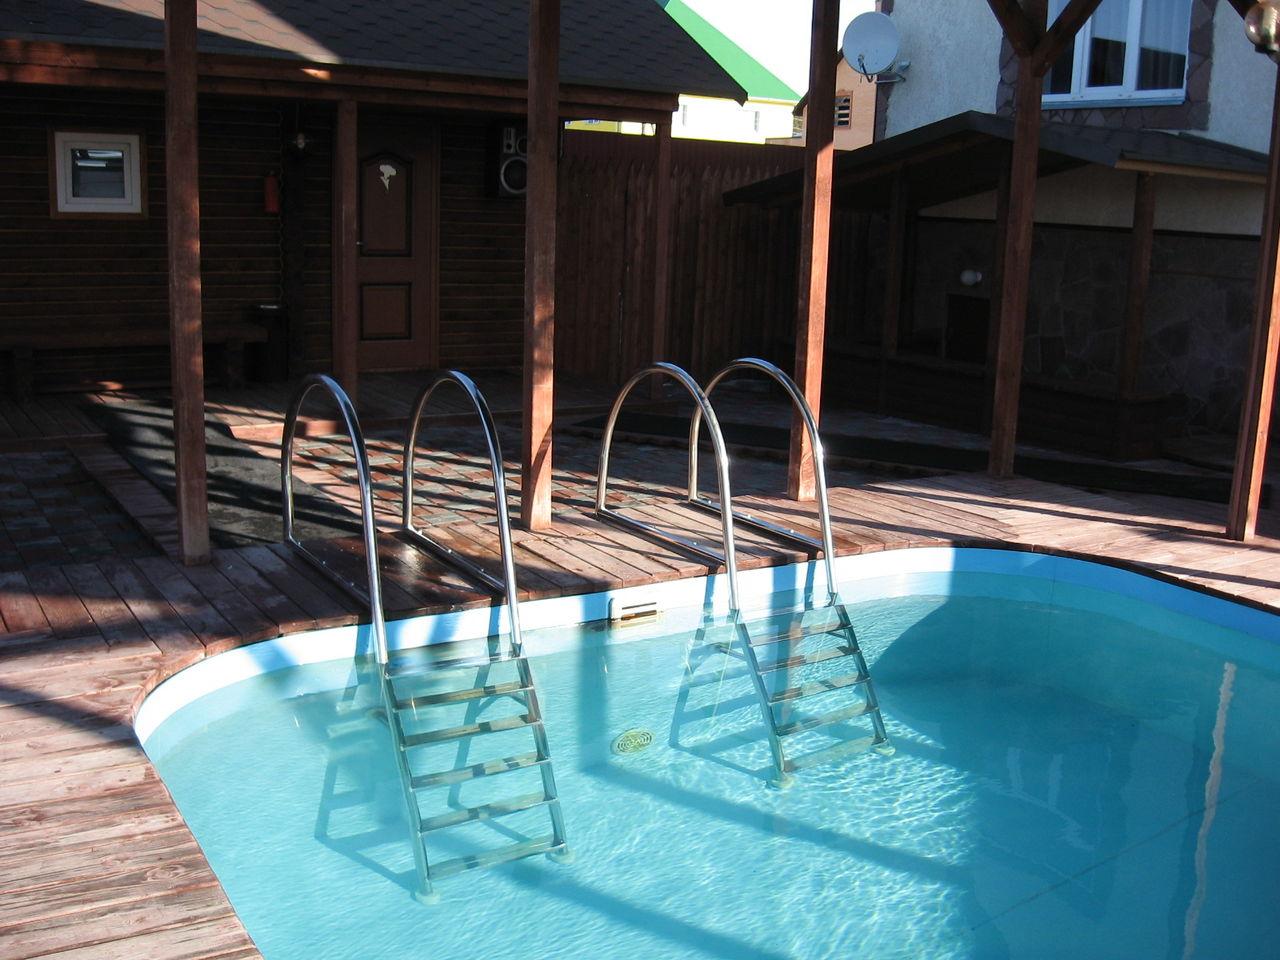 Безопасность в бассейне - аксессуары должны быть надежными